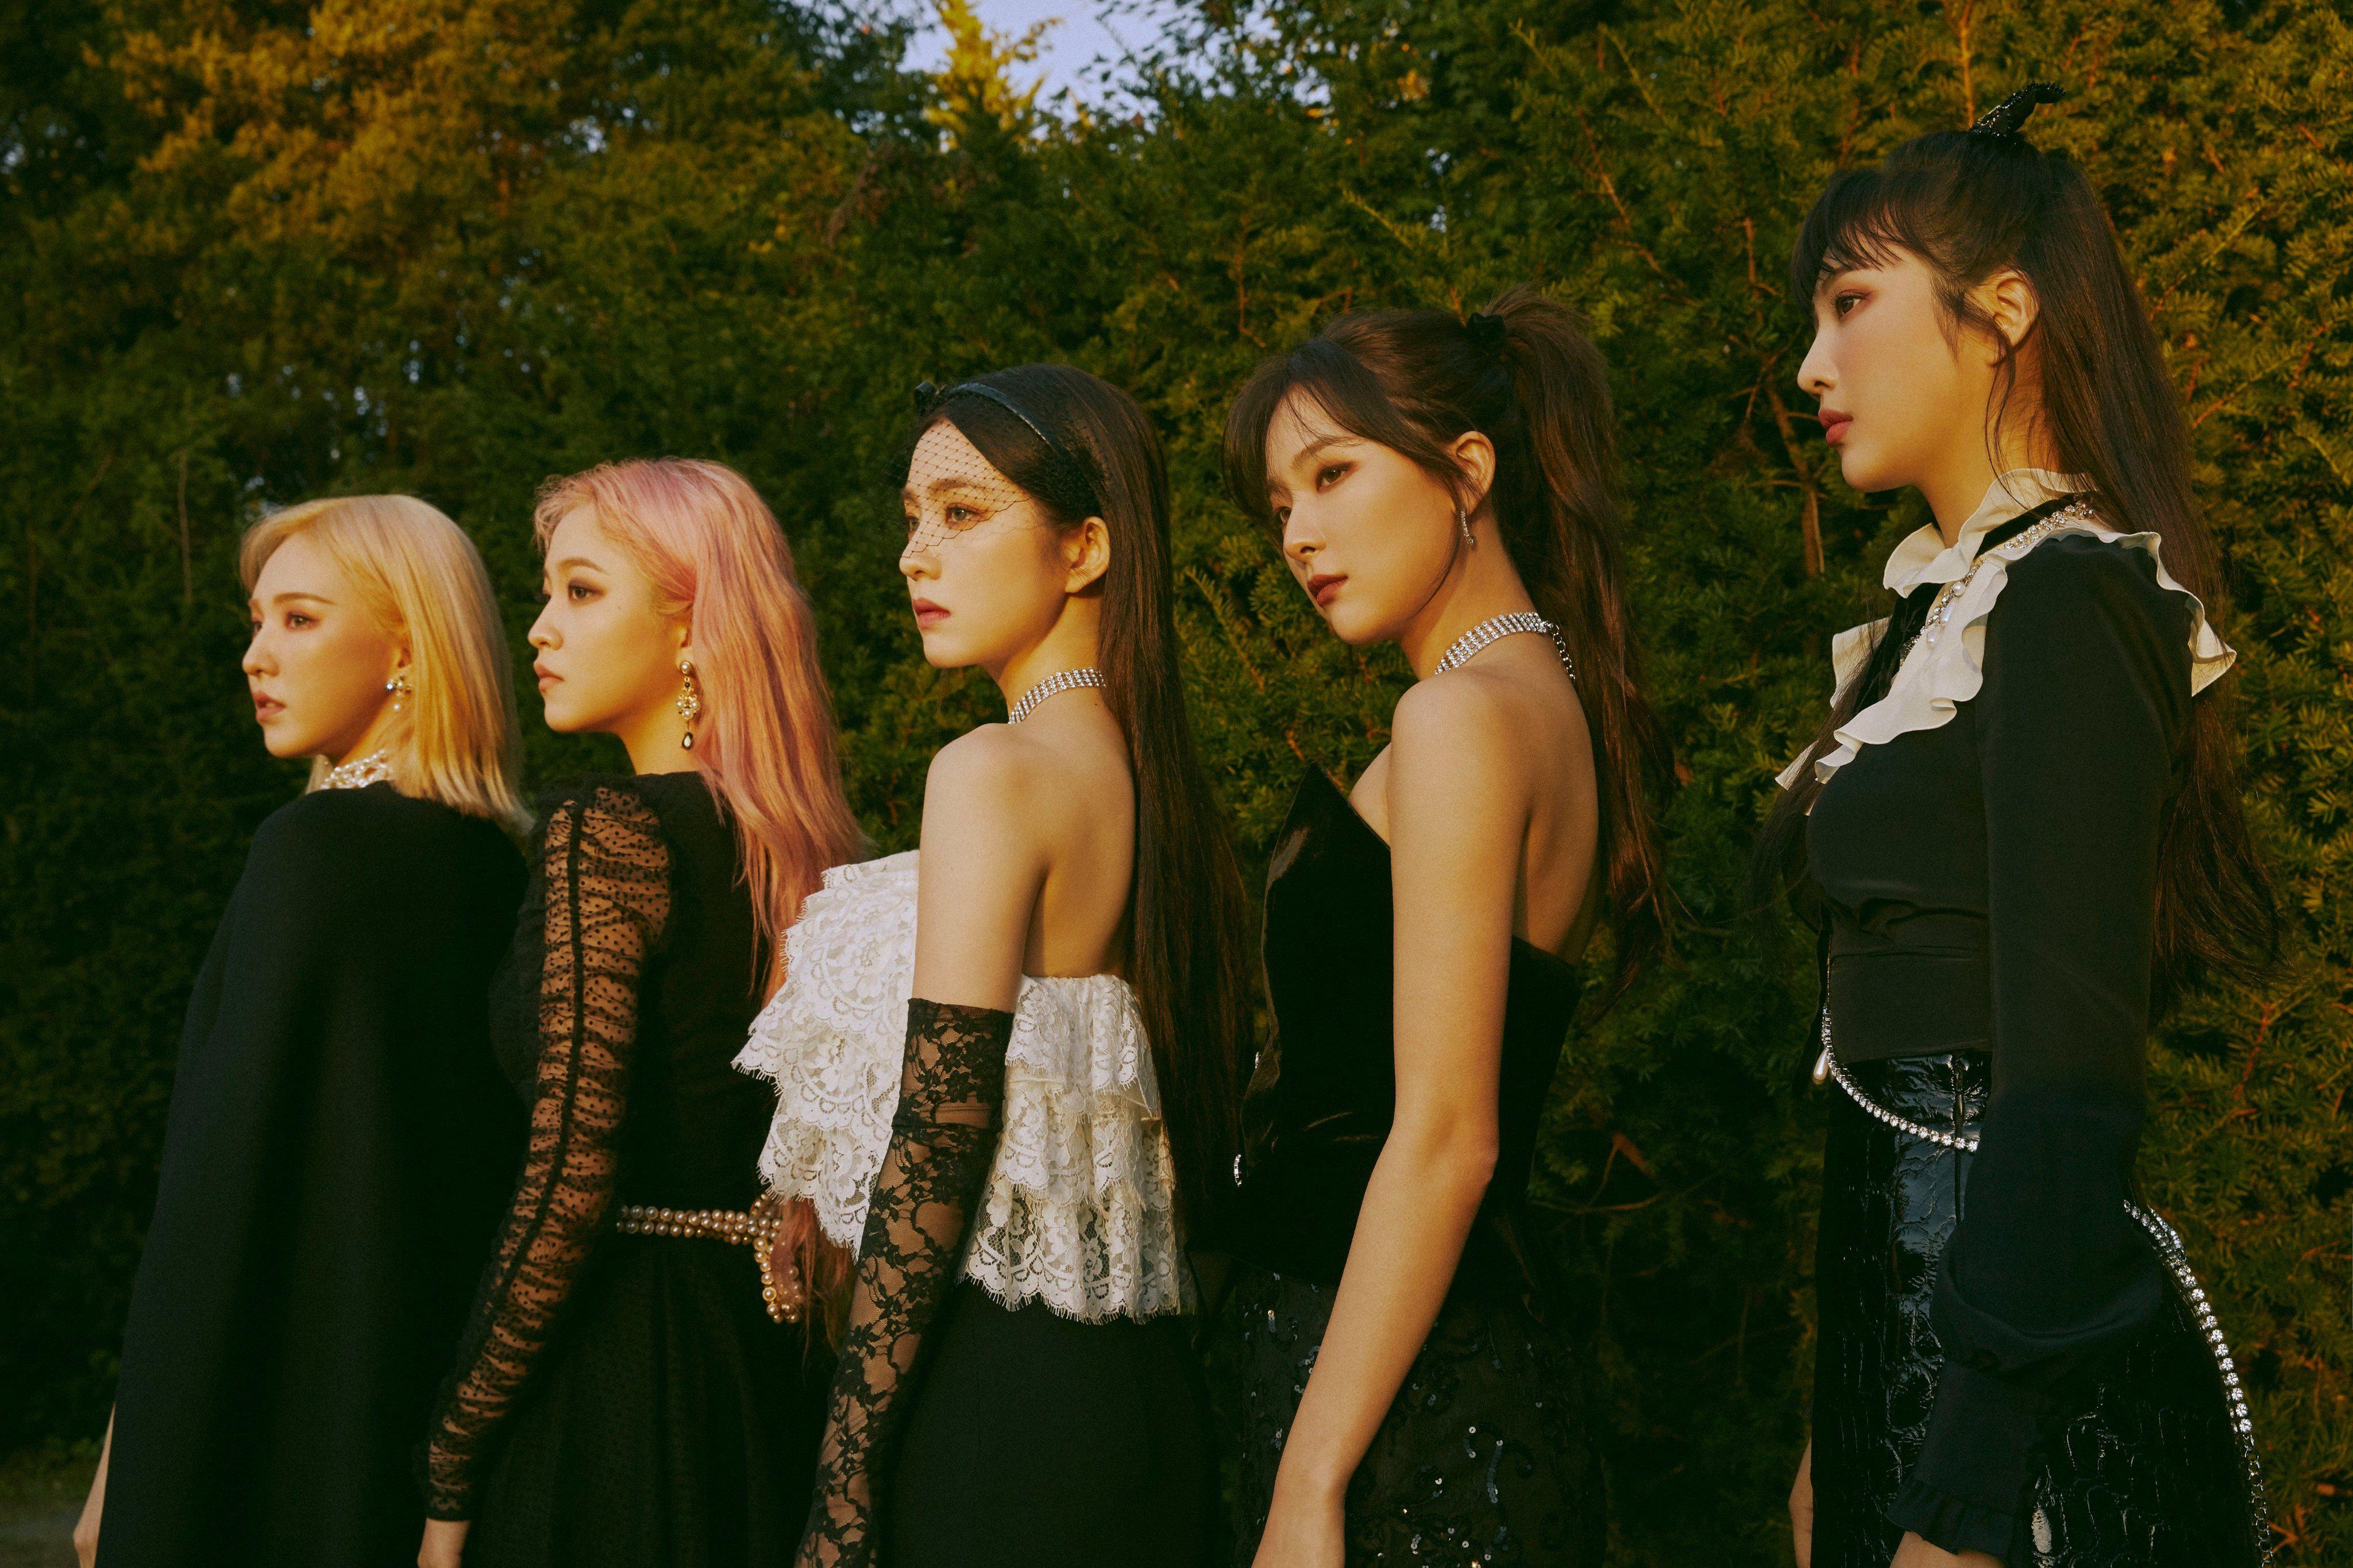 Red Velvet Members Profile K Pop Database Dbkpop Com For reference on mbti types: red velvet members profile k pop